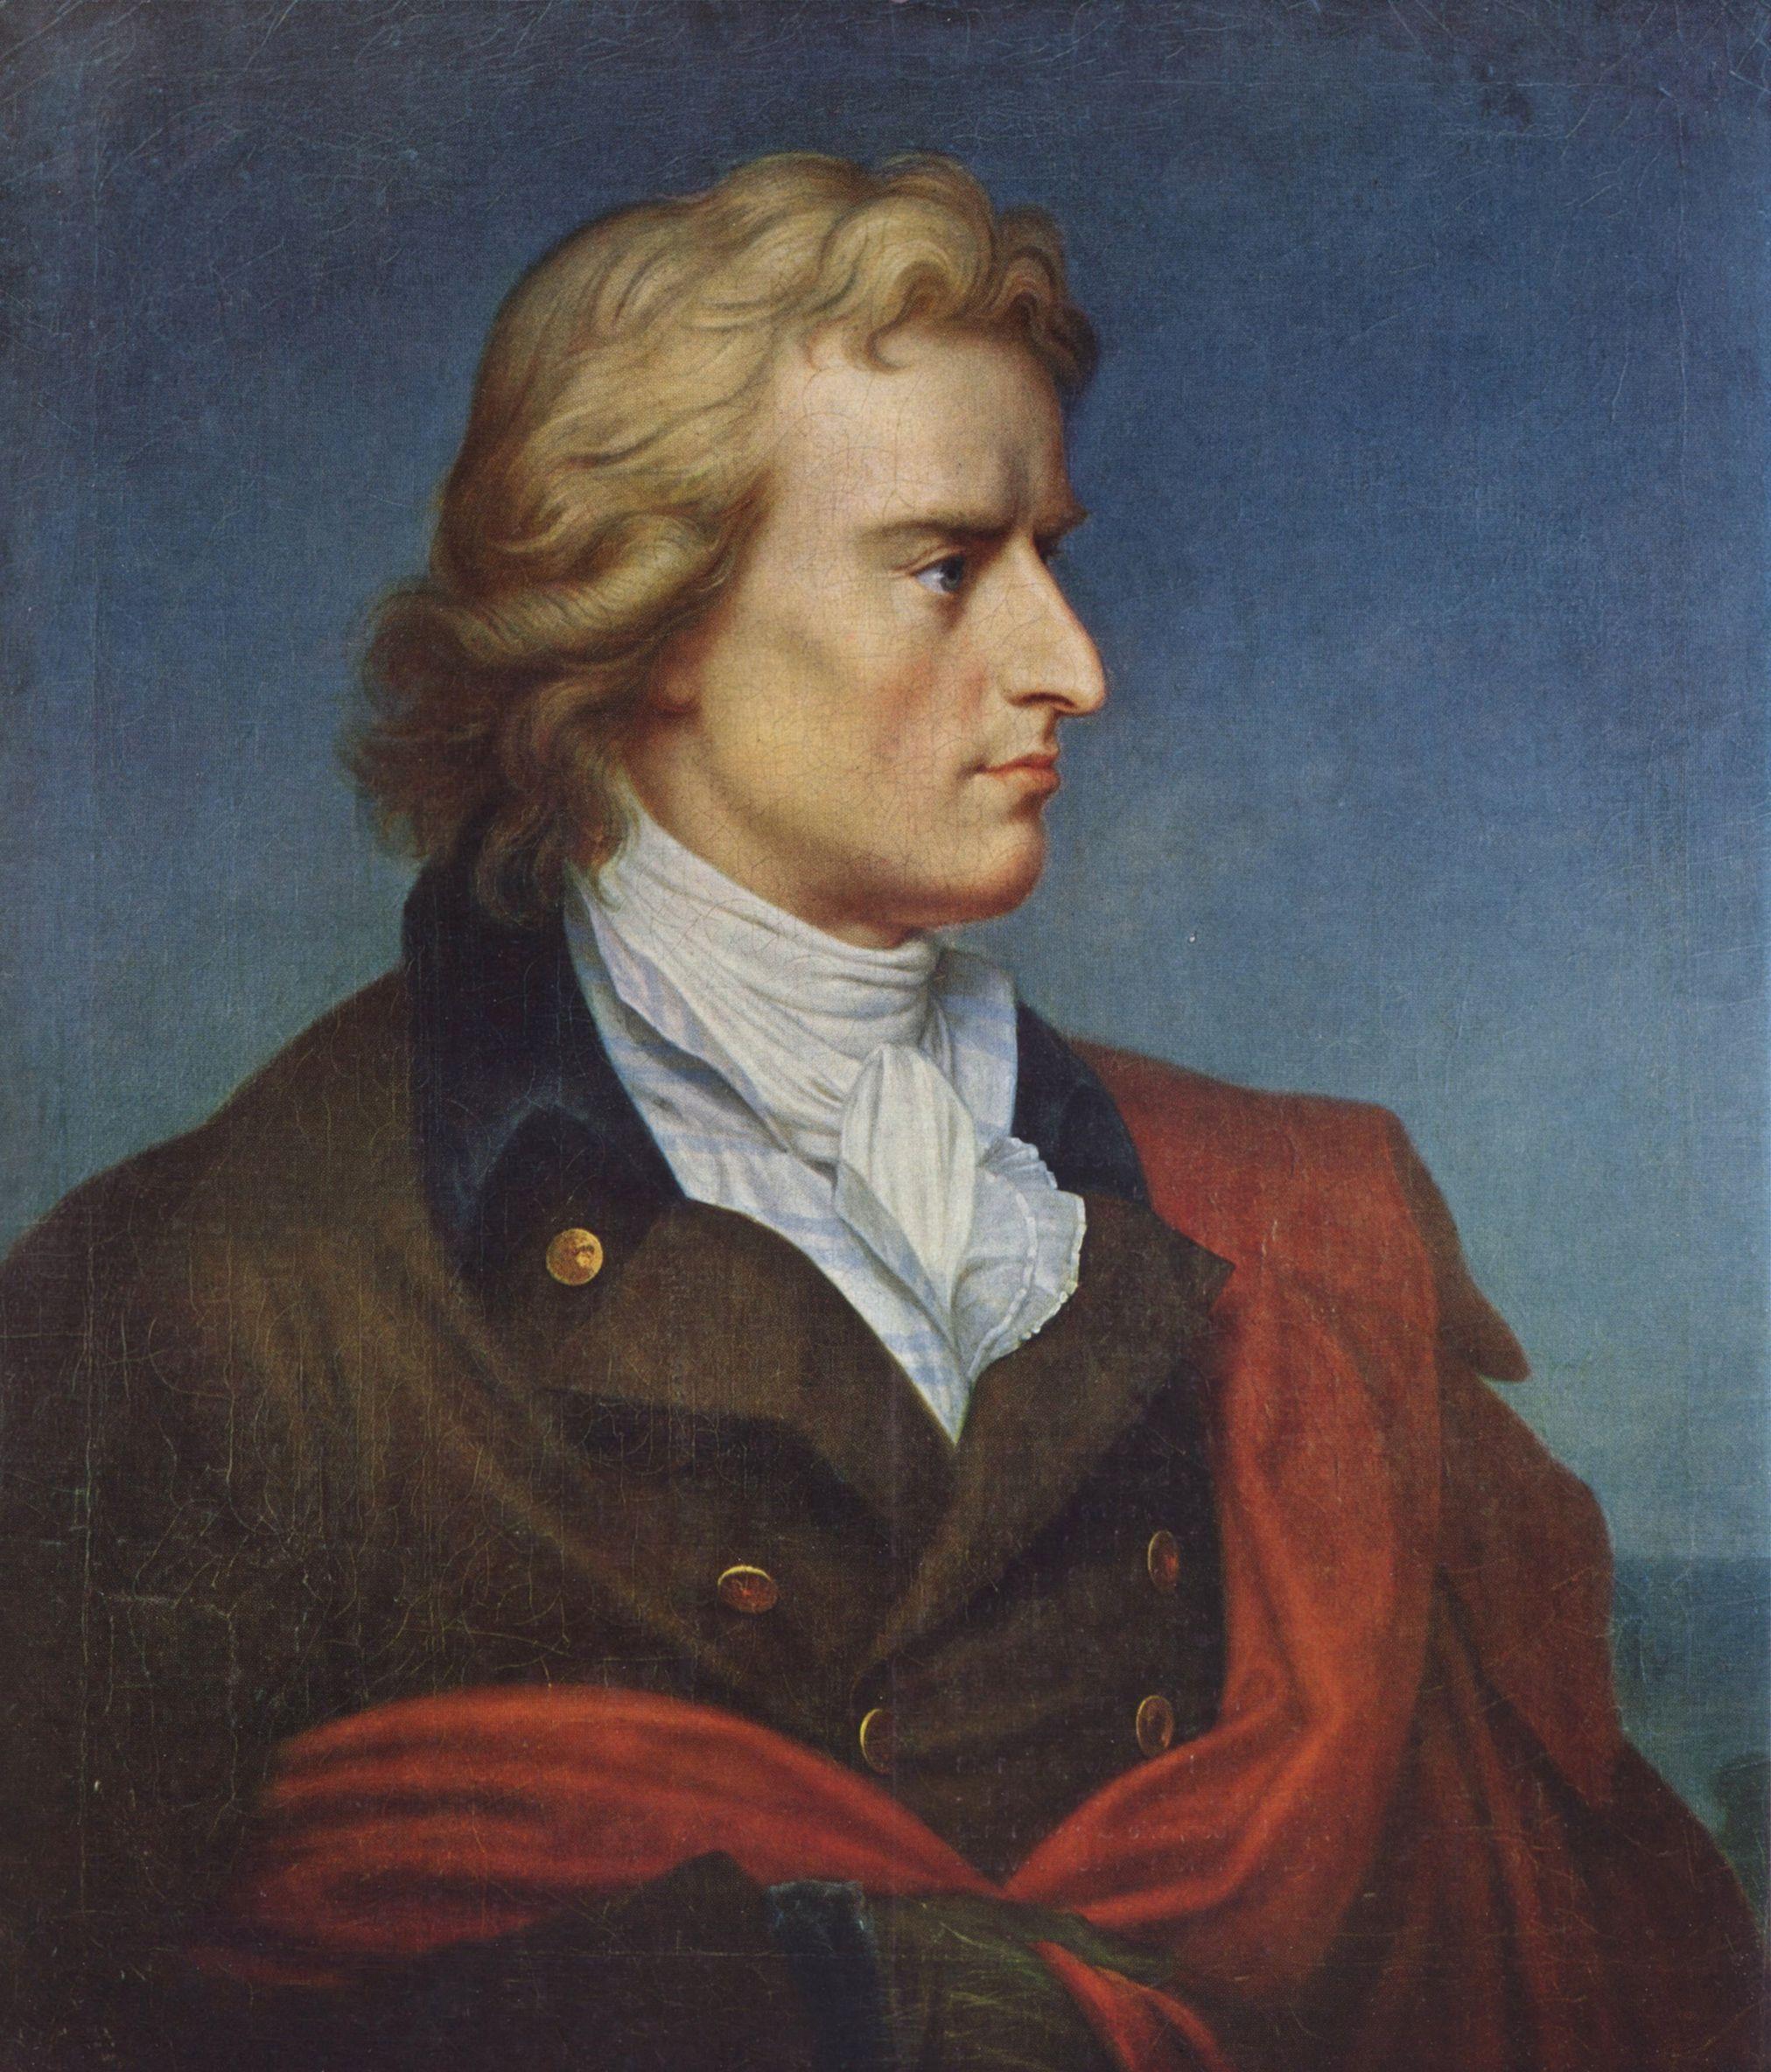 260 лет назад родился немецкий поэт, философ и драматург, великий идеалист и гуманист Фридрих Шиллер.